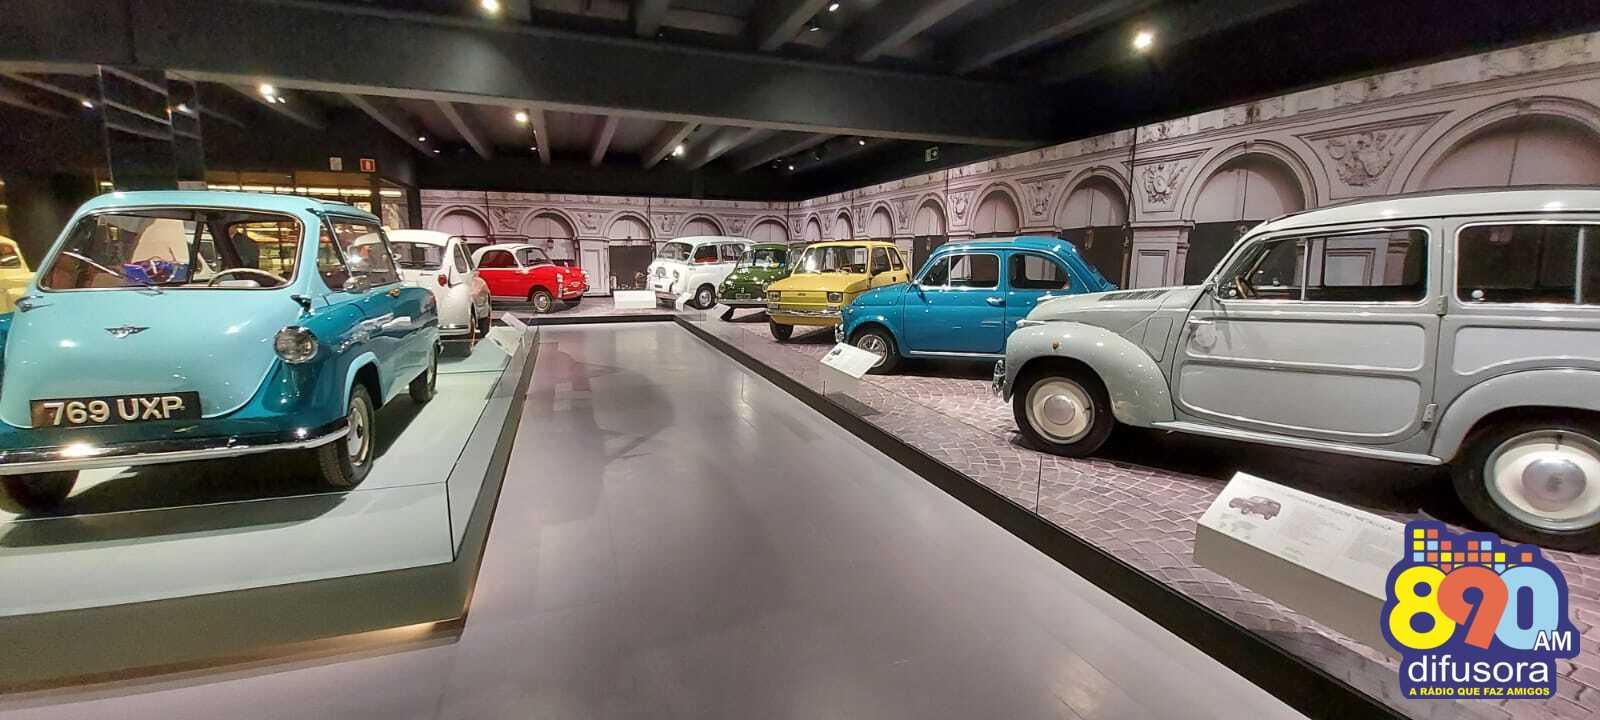 Único no Brasil, museu de pequenos veículos é inaugurado em Bento Gonçalves